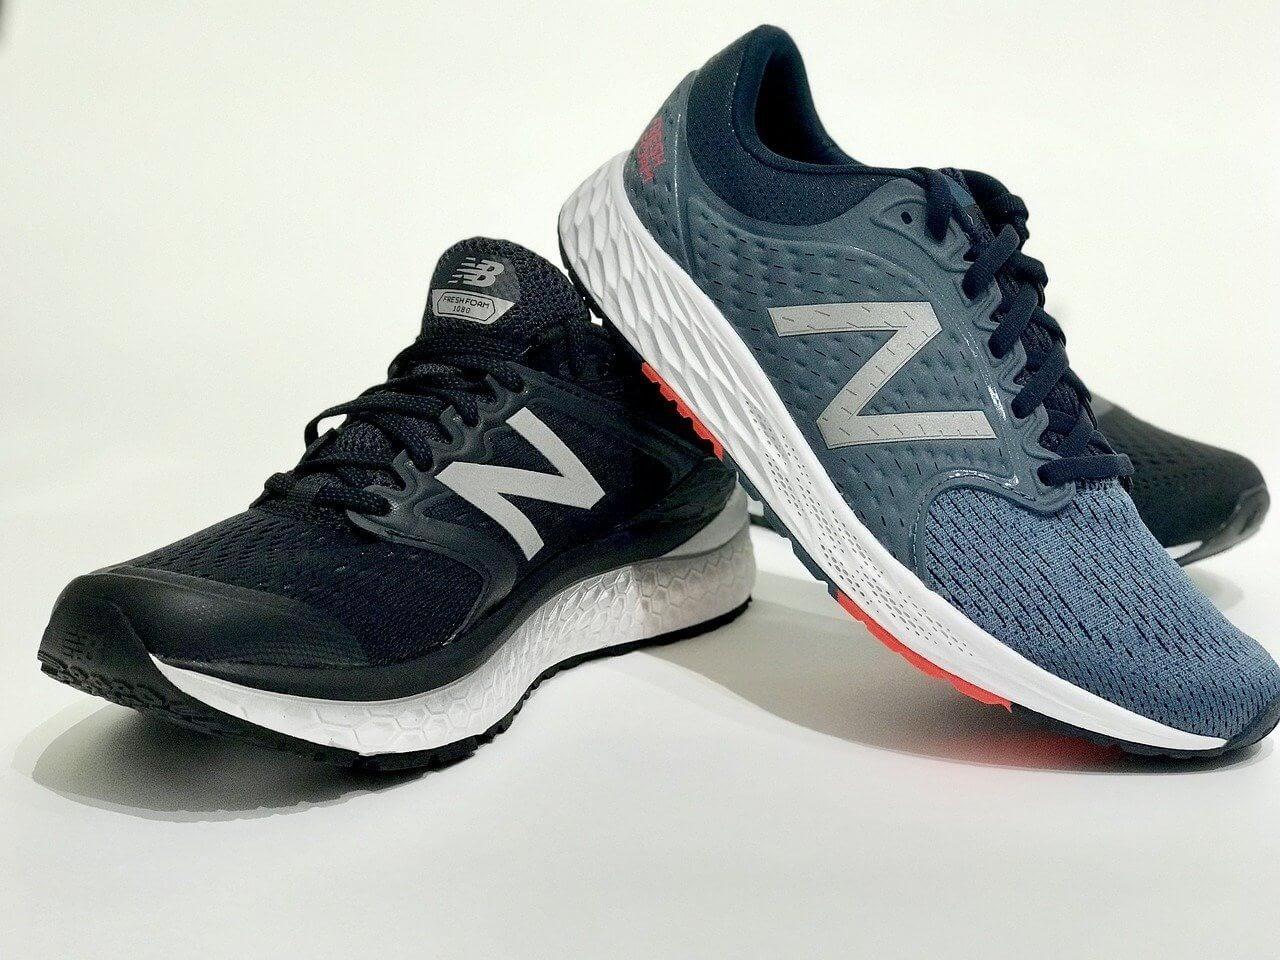 shoes 3695750 1280 1